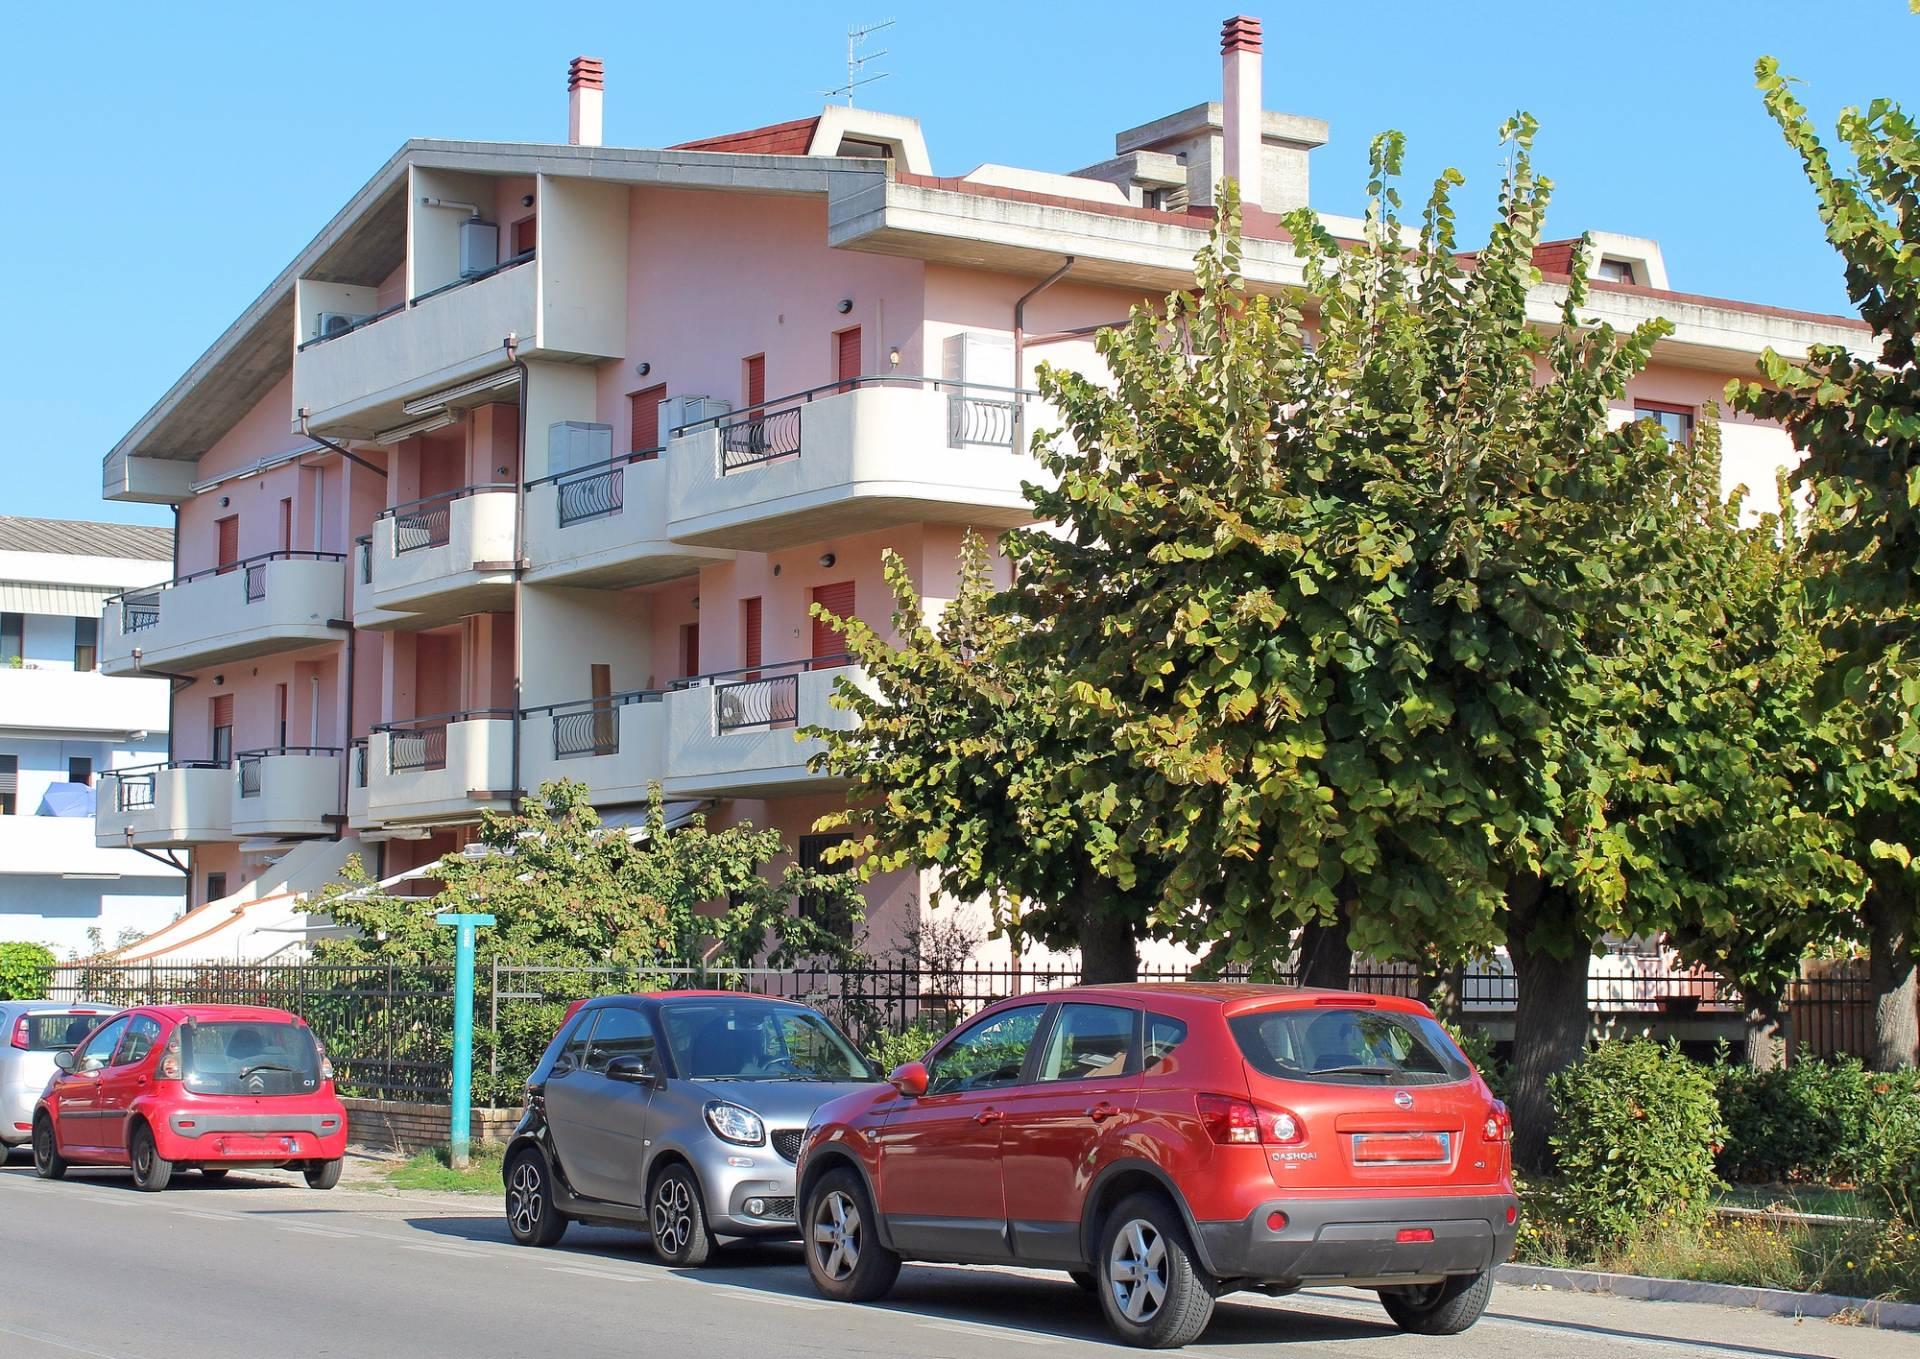 Attico / Mansarda in vendita a Silvi, 3 locali, zona Località: SilviMarina, prezzo € 92.000   CambioCasa.it